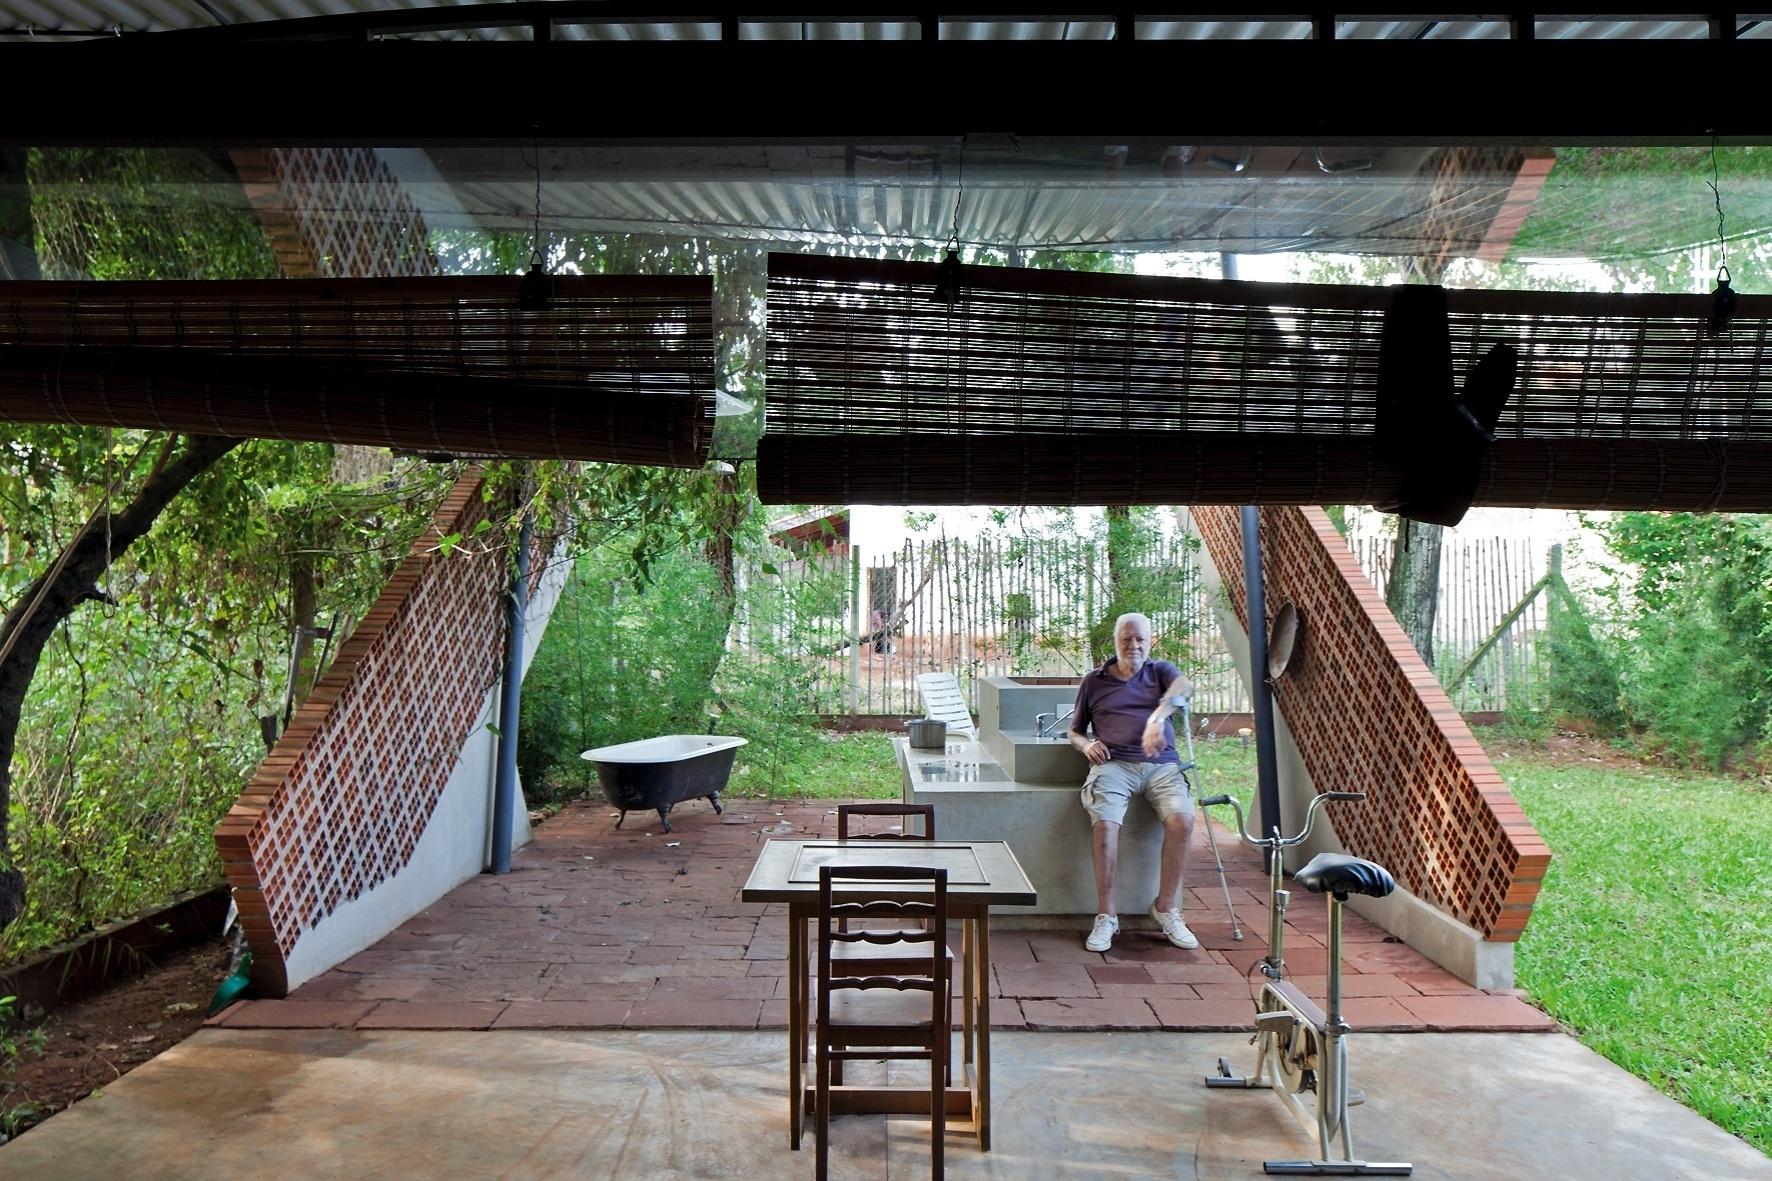 Na residência que projetou para seu sogro, o arquiteto Javier Corvalán introduz elementos da cultura paraguaia - como a churrasqueira e o ambiente de convívio rural - e materiais reaproveitados de outras obras: barras de ferro, blocos vazados, tijolos, pisos, vidros e pedras brutas. O resultado é original e muito aconchegante. Apesar de ter